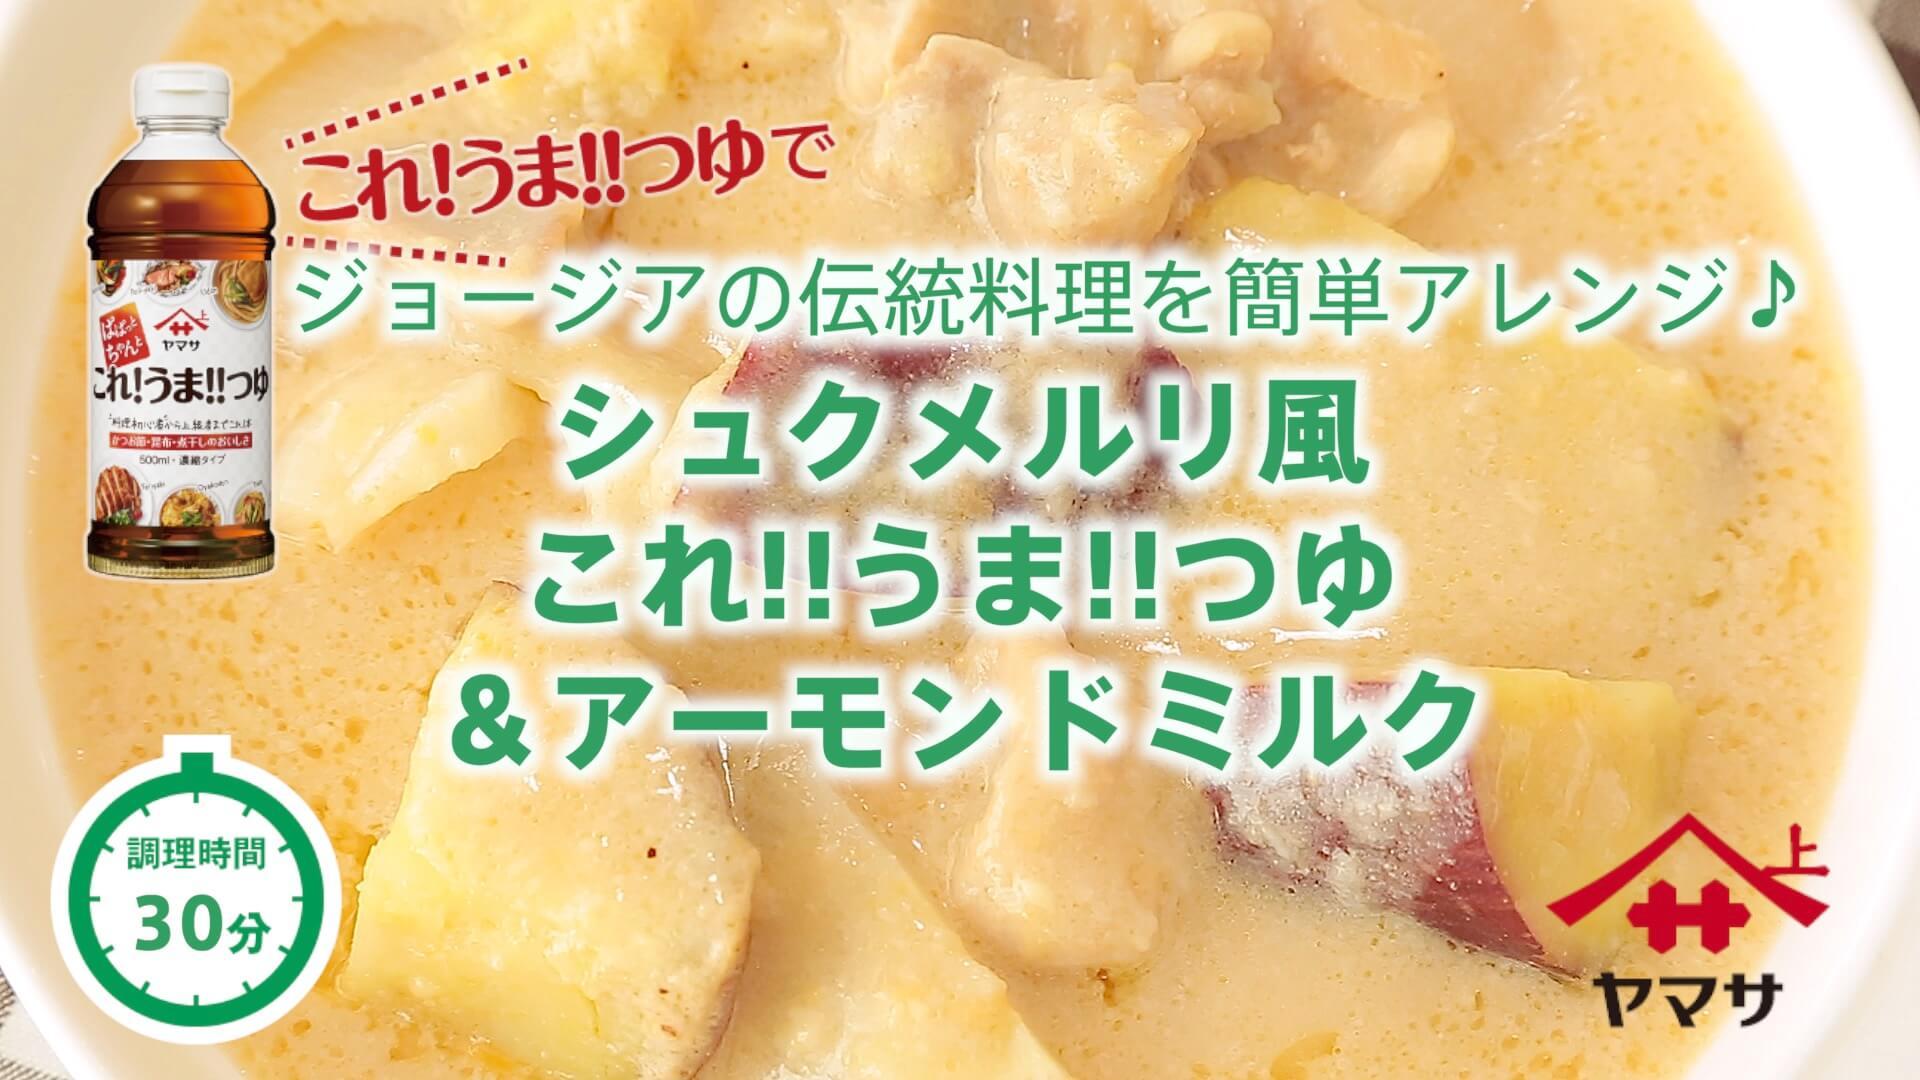 シュクメルリ風  これ!うま!!つゆ&アーモンドミルク